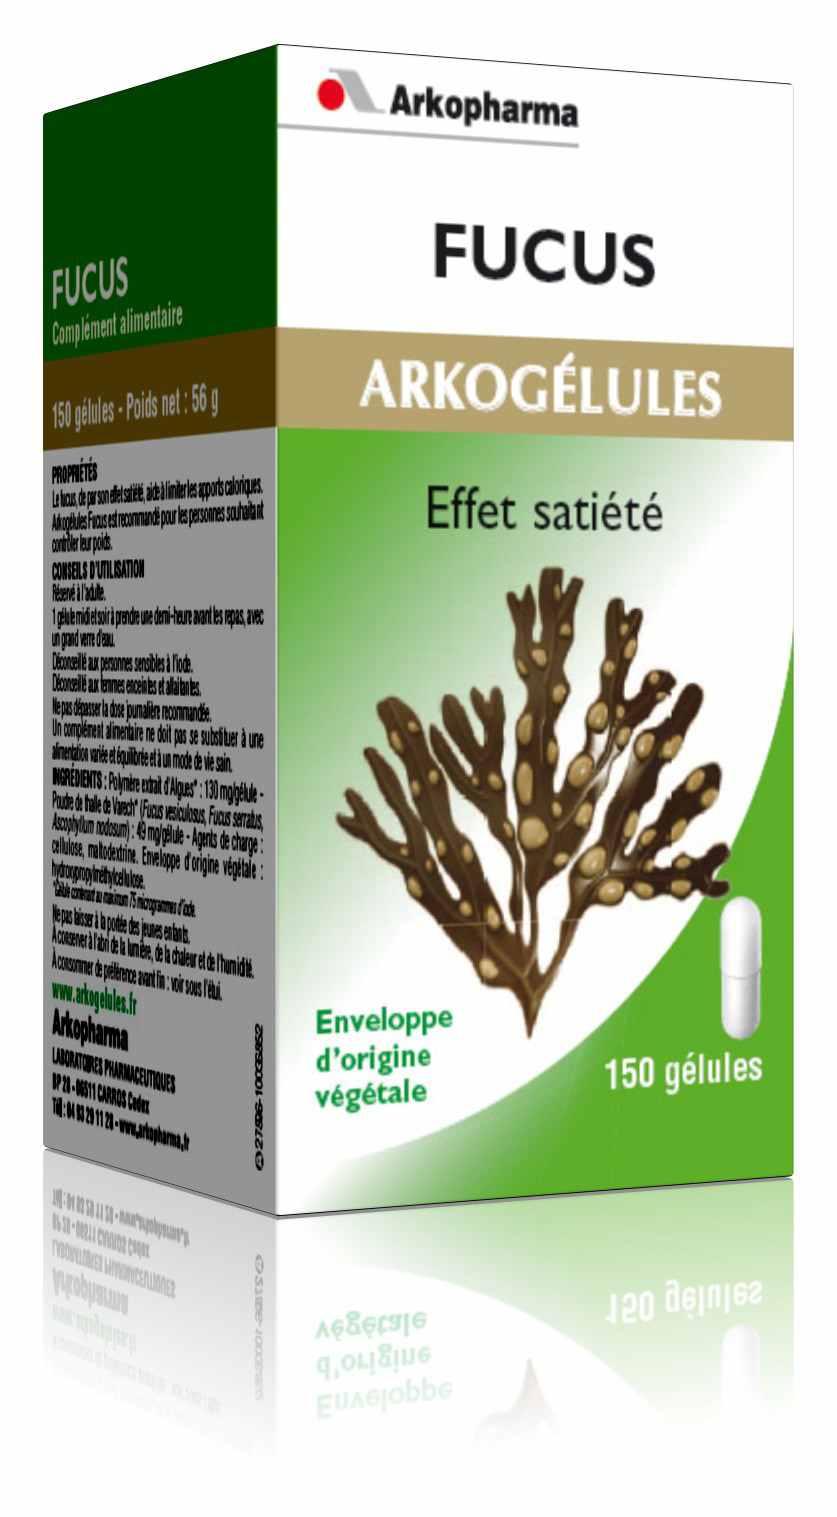 Arkog lules fucus minceur et di t tique arkopharma pharmacie - Medicament coupe faim en pharmacie ...